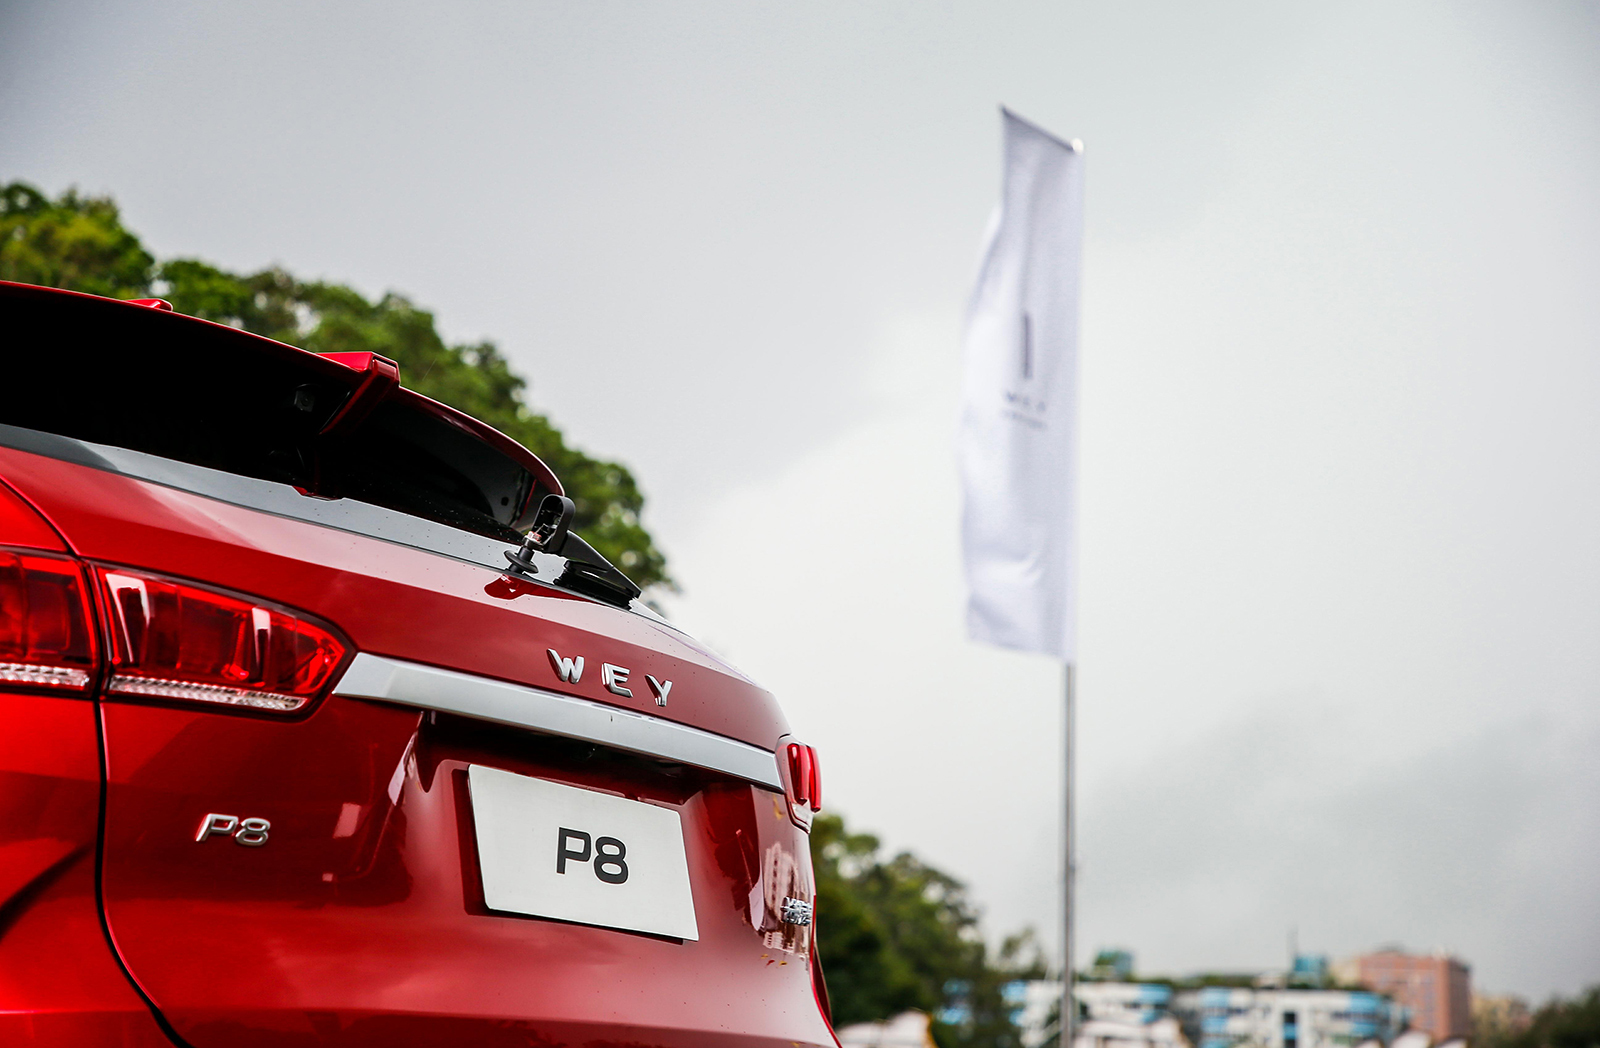 百公里2.3L的油耗也可以很性能 试驾WEY P8